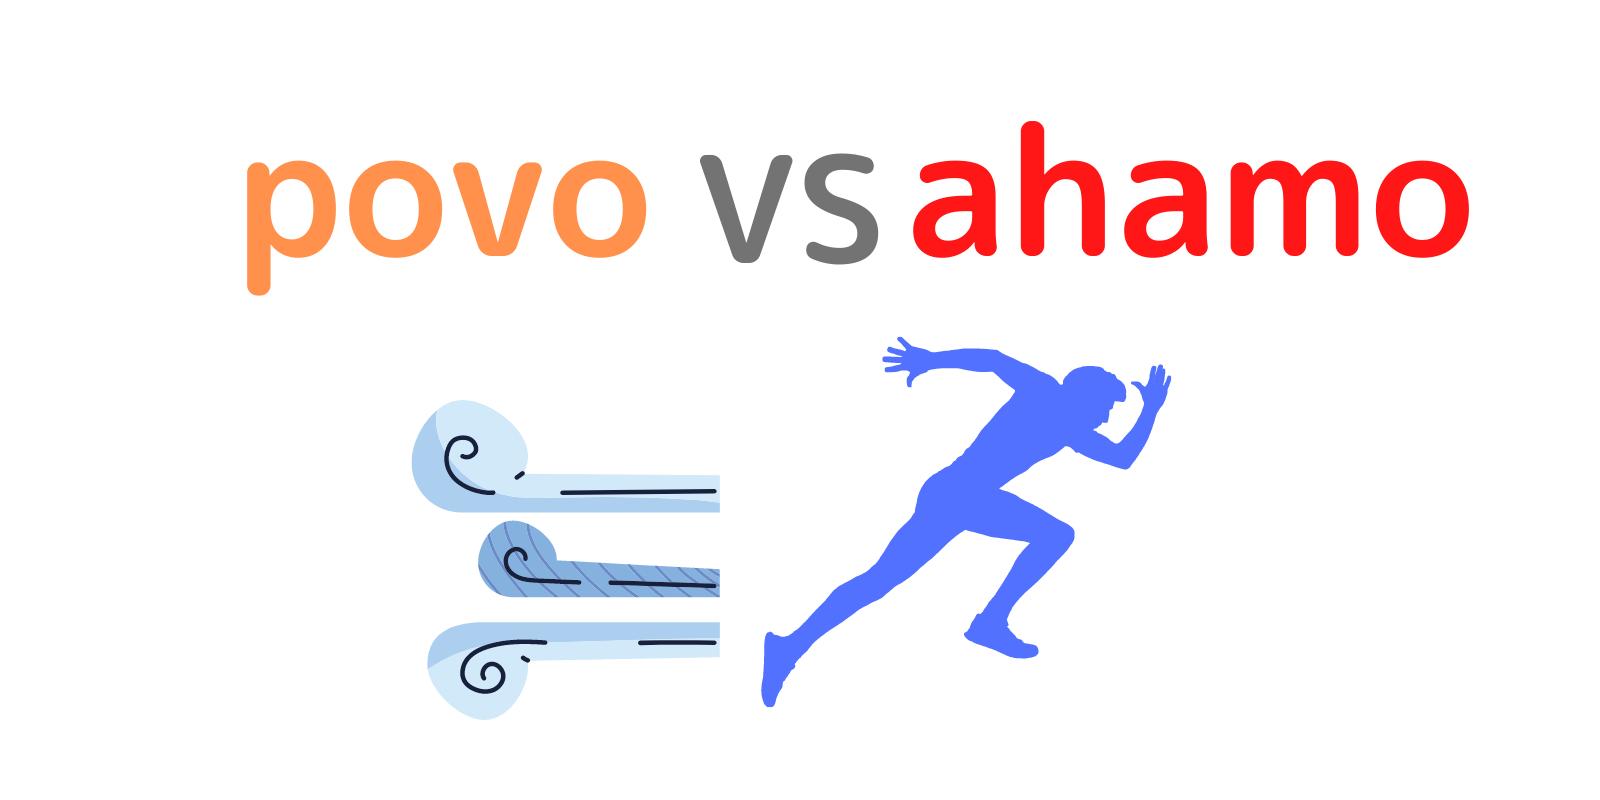 povoとahamoの通信速度を比較